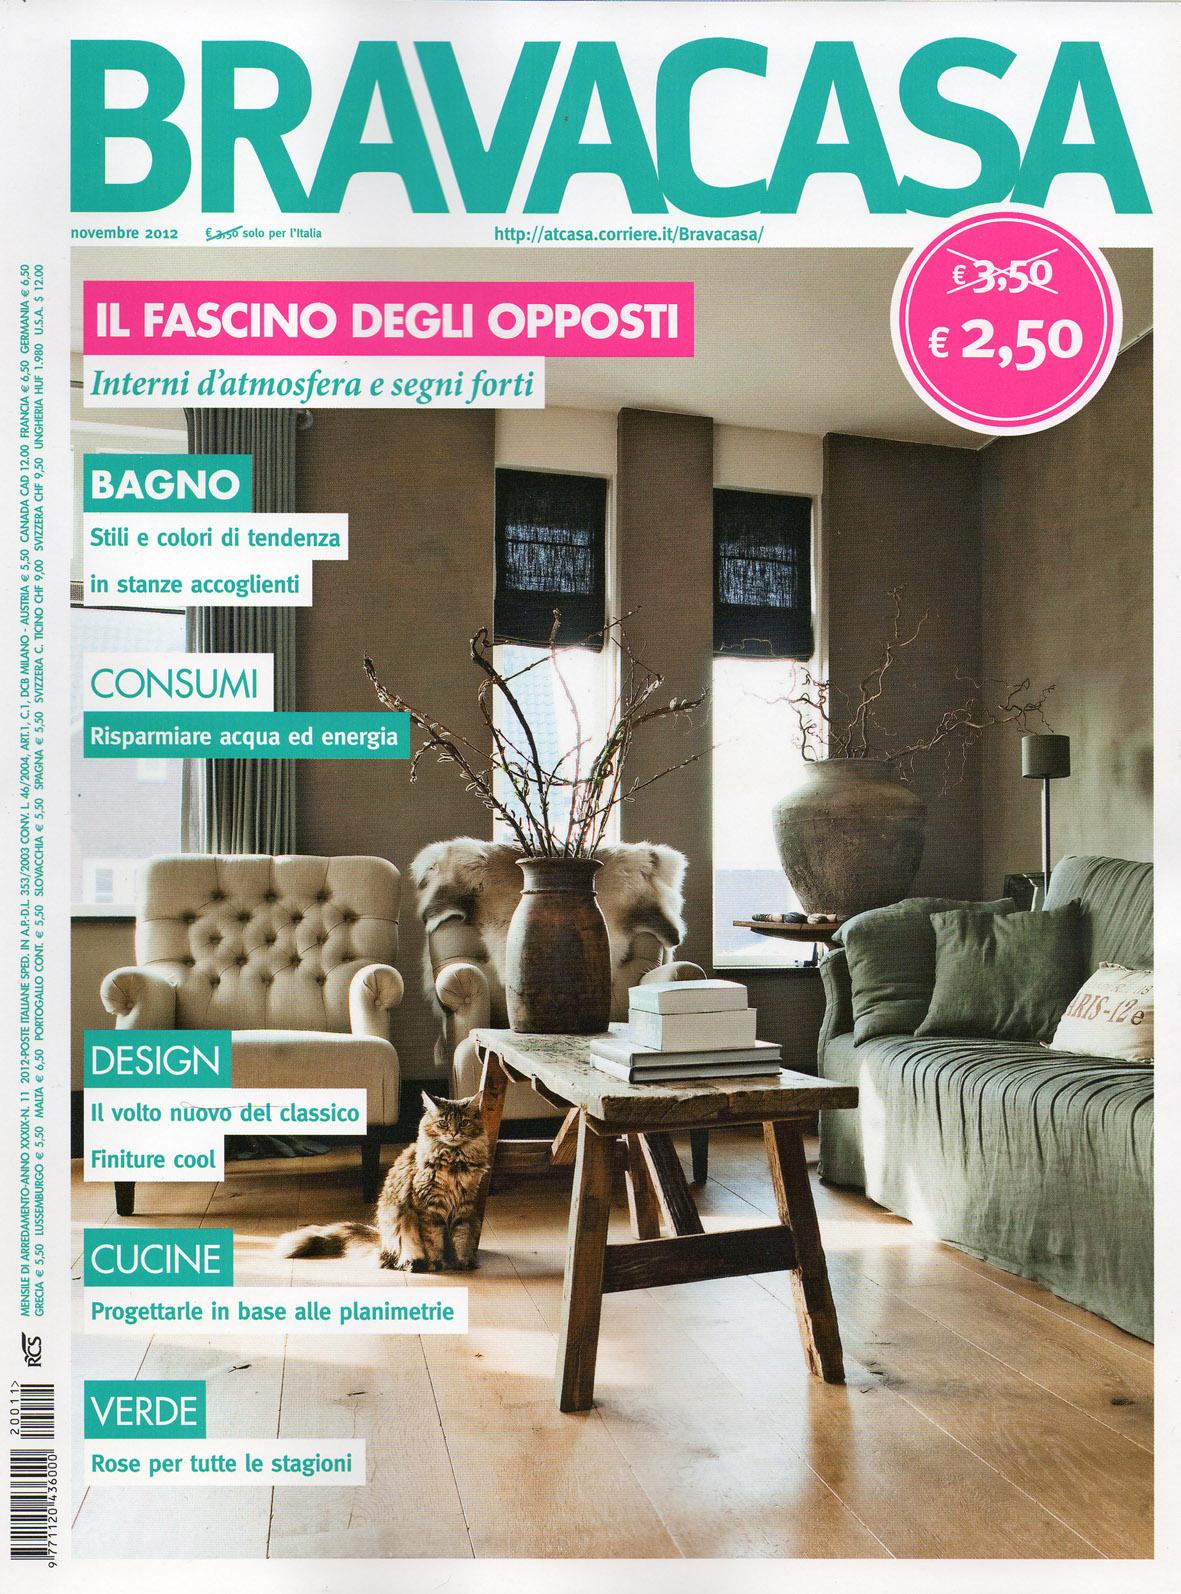 Parquet in legno su riviste arredamento novembre 2012 for Riviste su arredamento casa